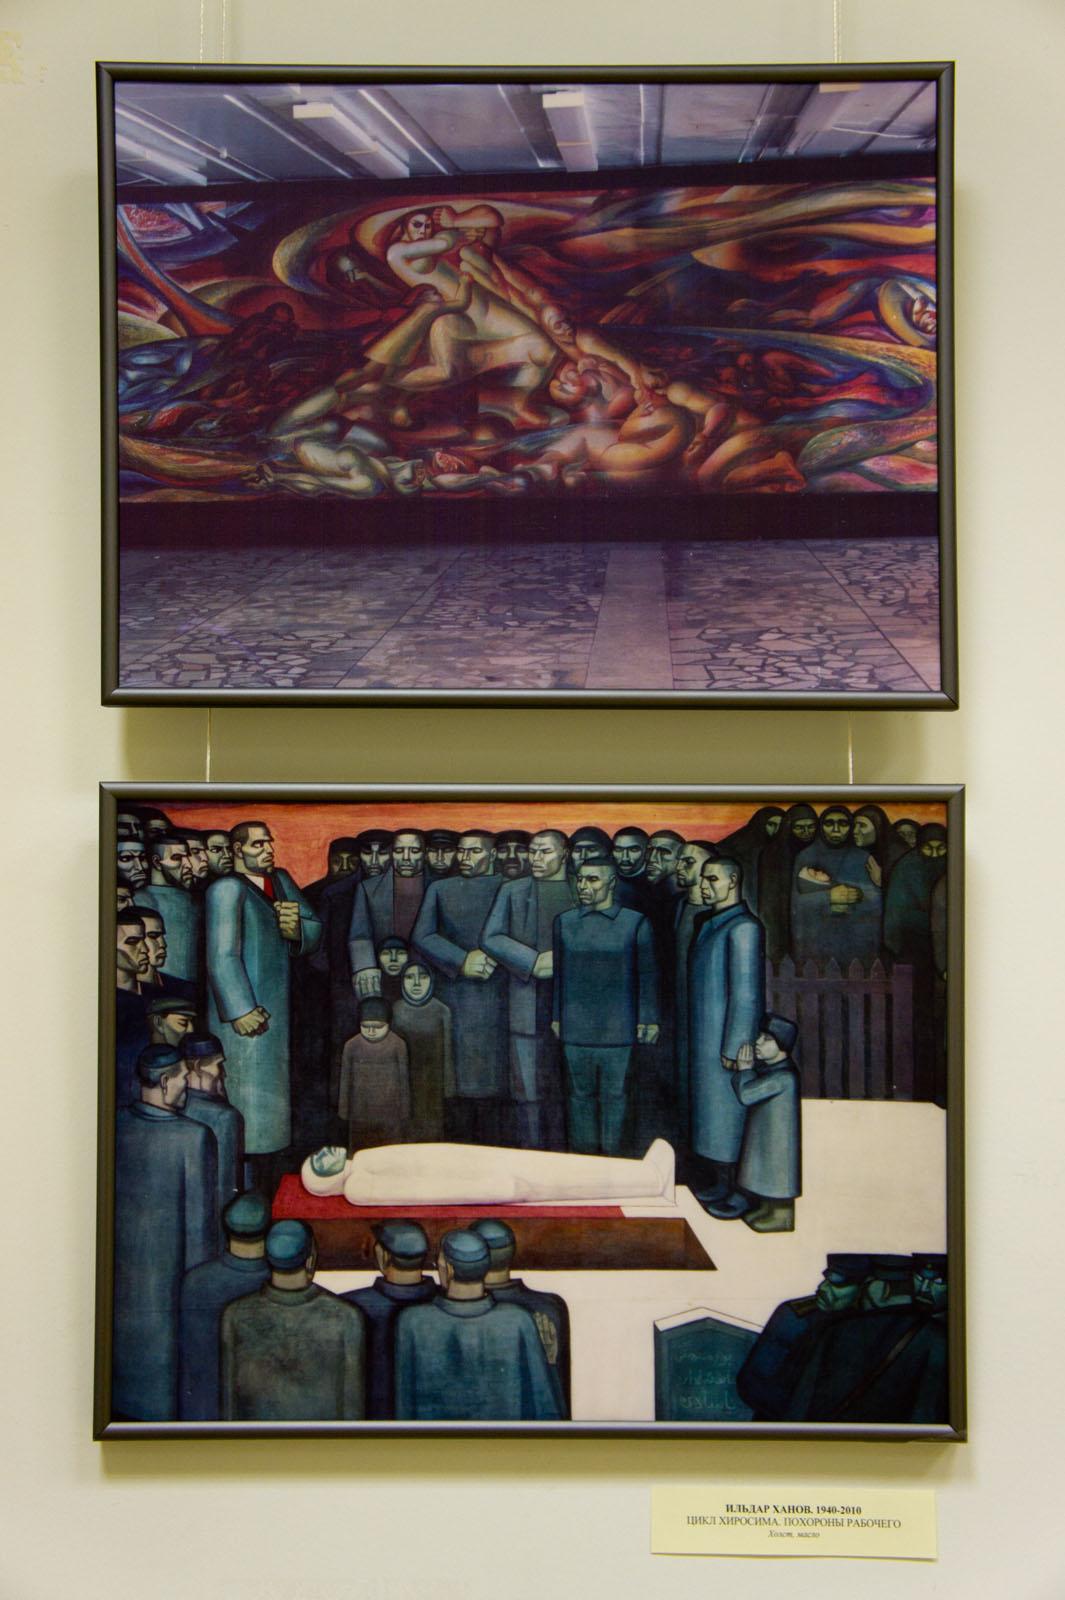 Фото №65026. Цикл ''Хиросима'', ''Похороны рабочего'' (внизу). Ильдар Ханов